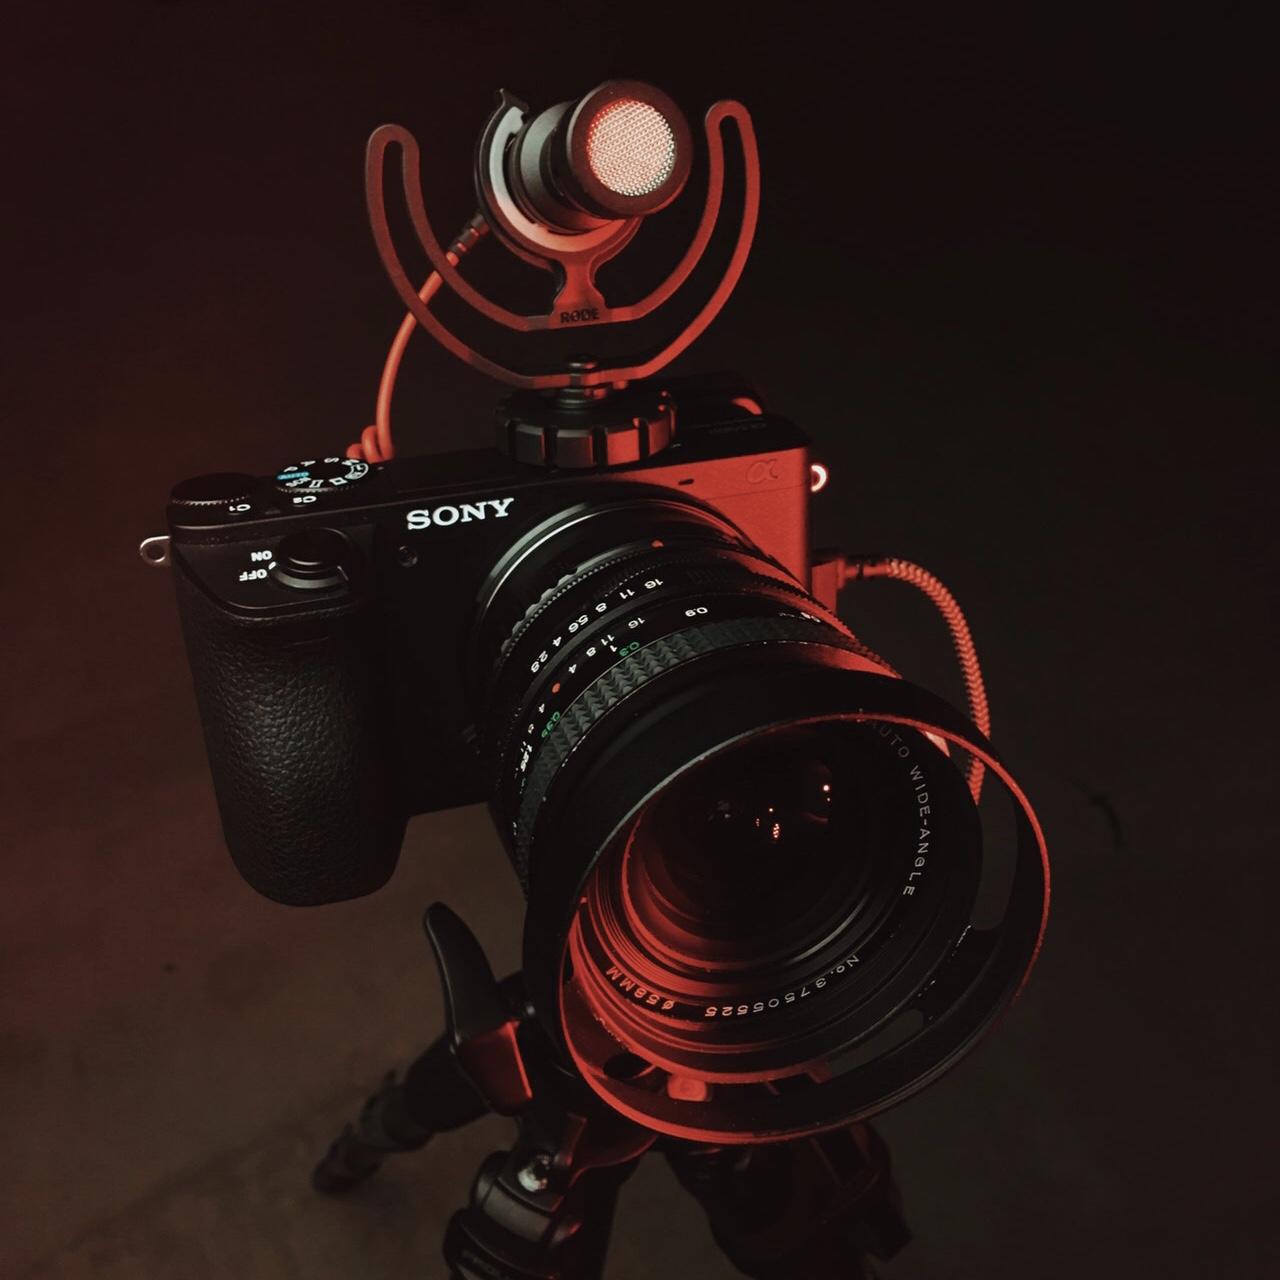 camera-camera-equipment-digital-camera-2386429 2.jpg